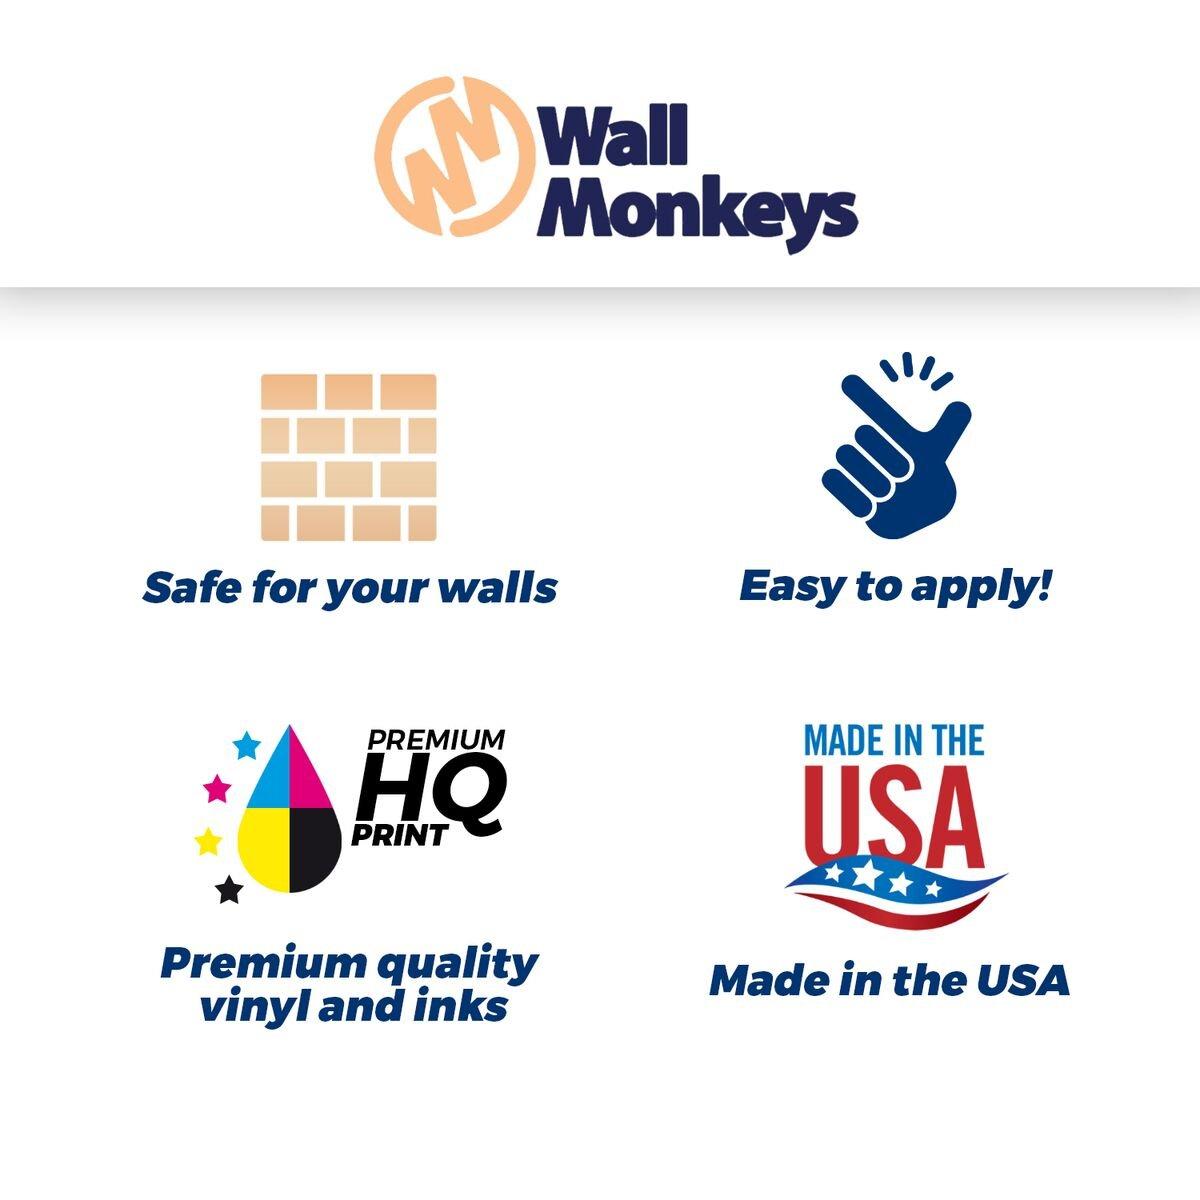 Wallmonkeys Huge Luxury Cruise Ship Wall Mural Peel and Stick Graphic (18 in H x 12 in W) WM213171 by Wallmonkeys (Image #4)